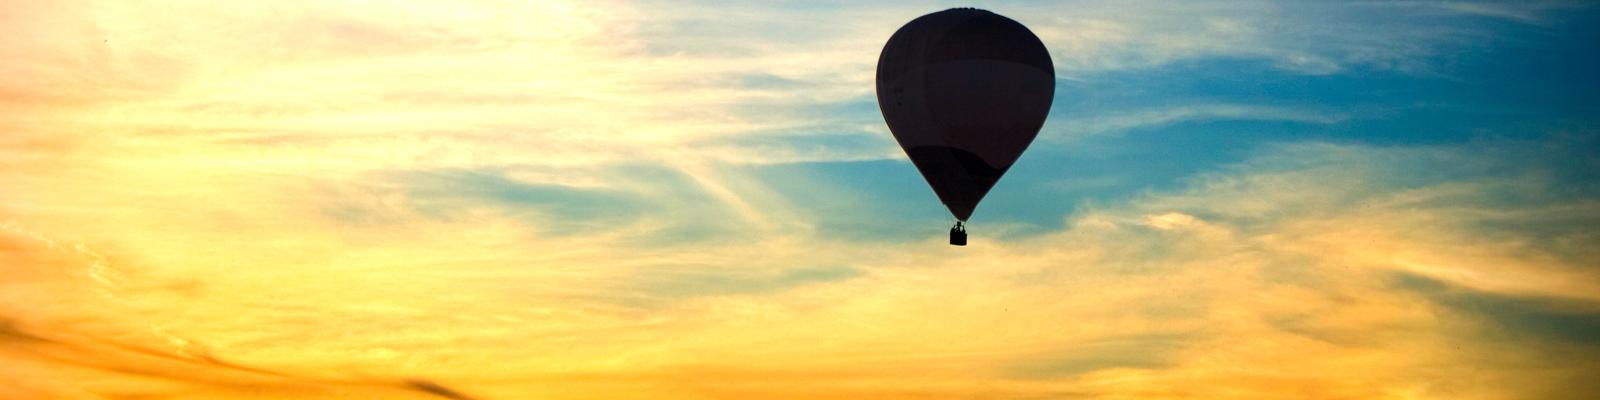 Ein Ballon fliegt in der Morgendämmerung.